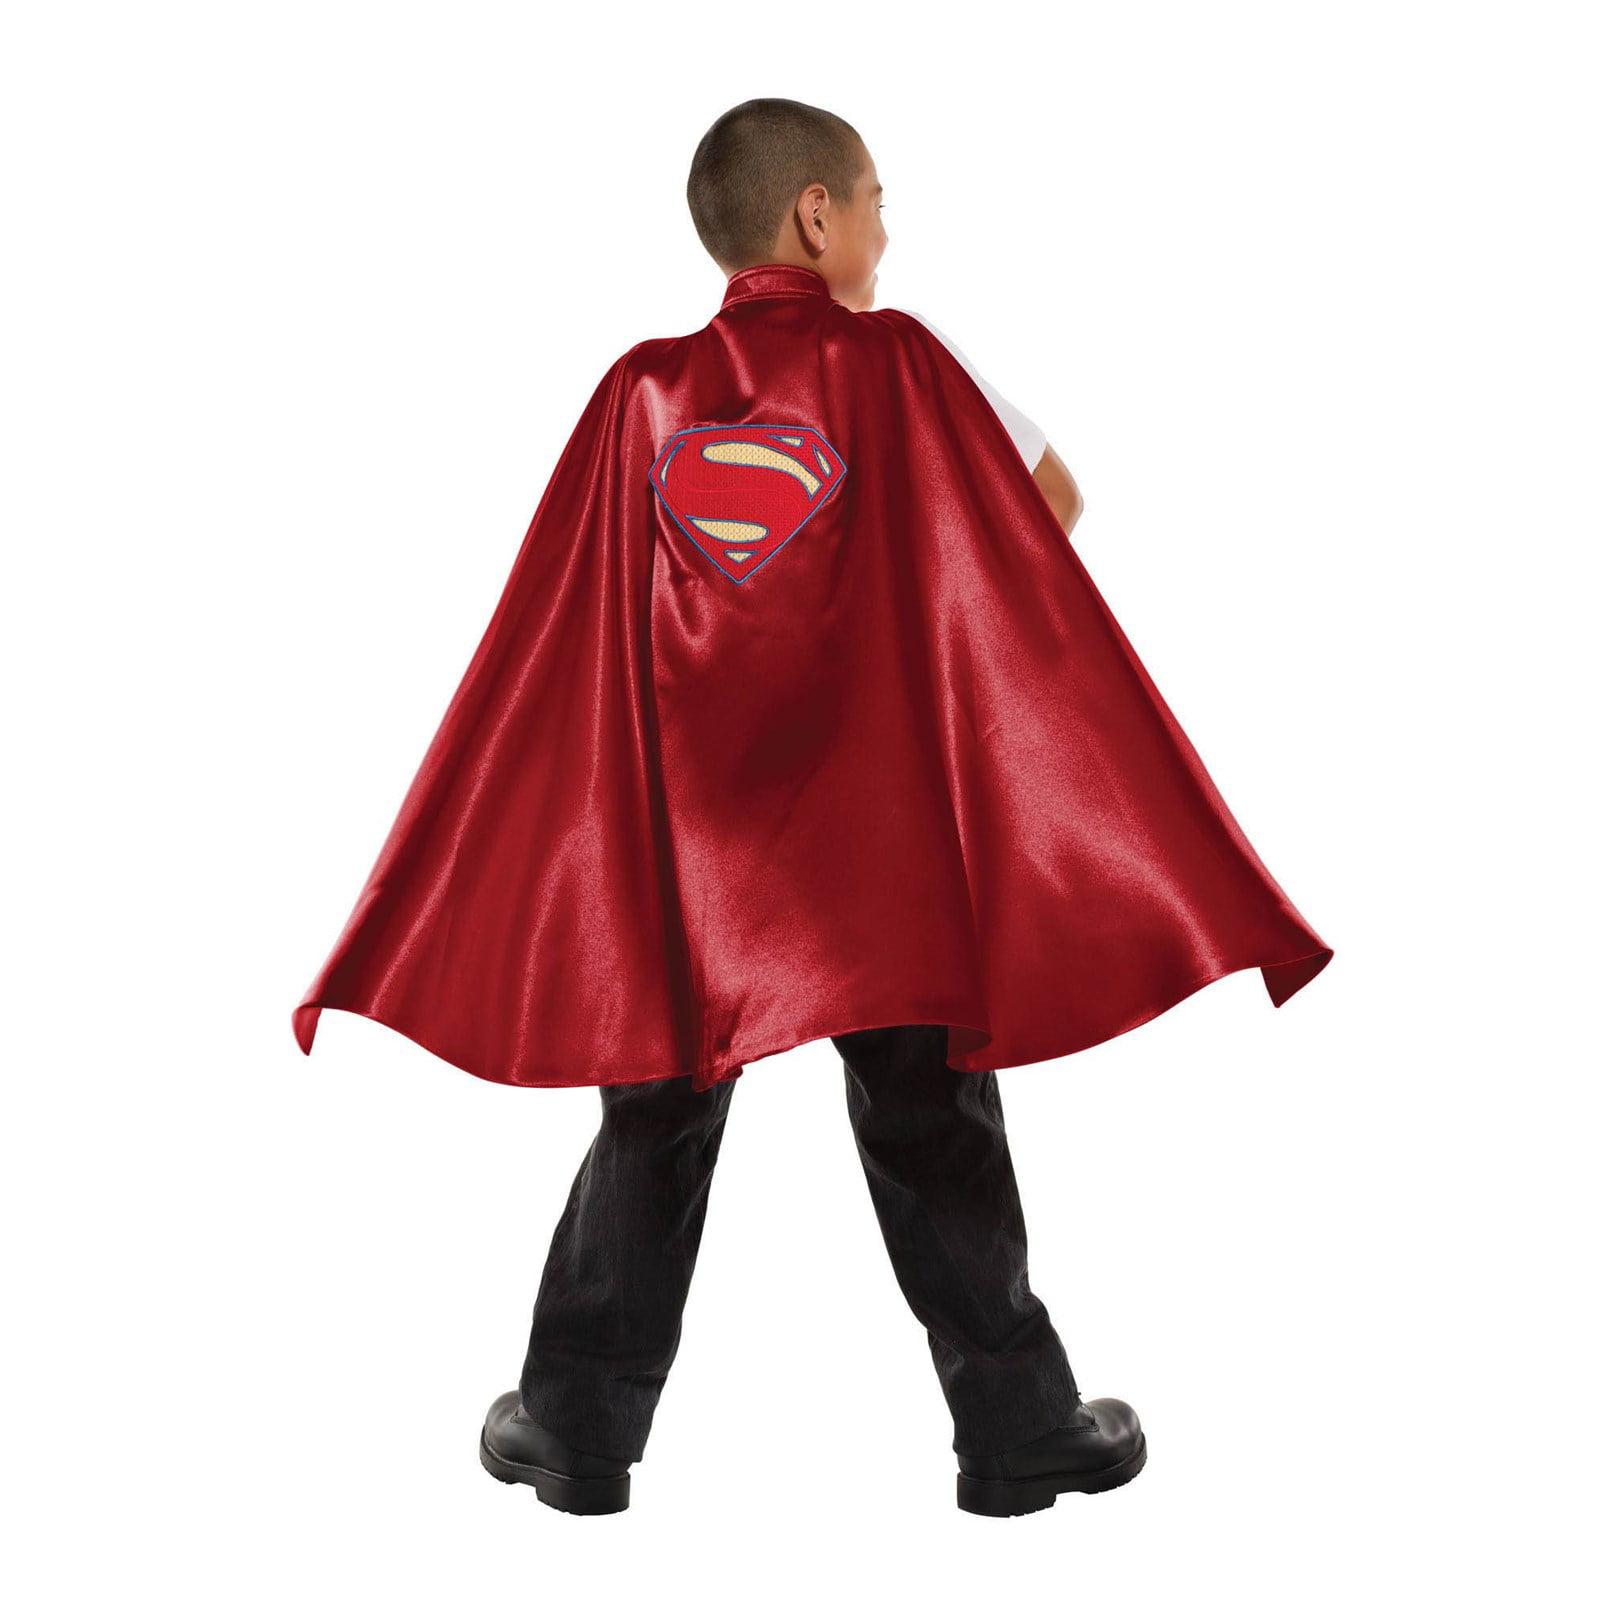 Deluxe Child Superman Cape